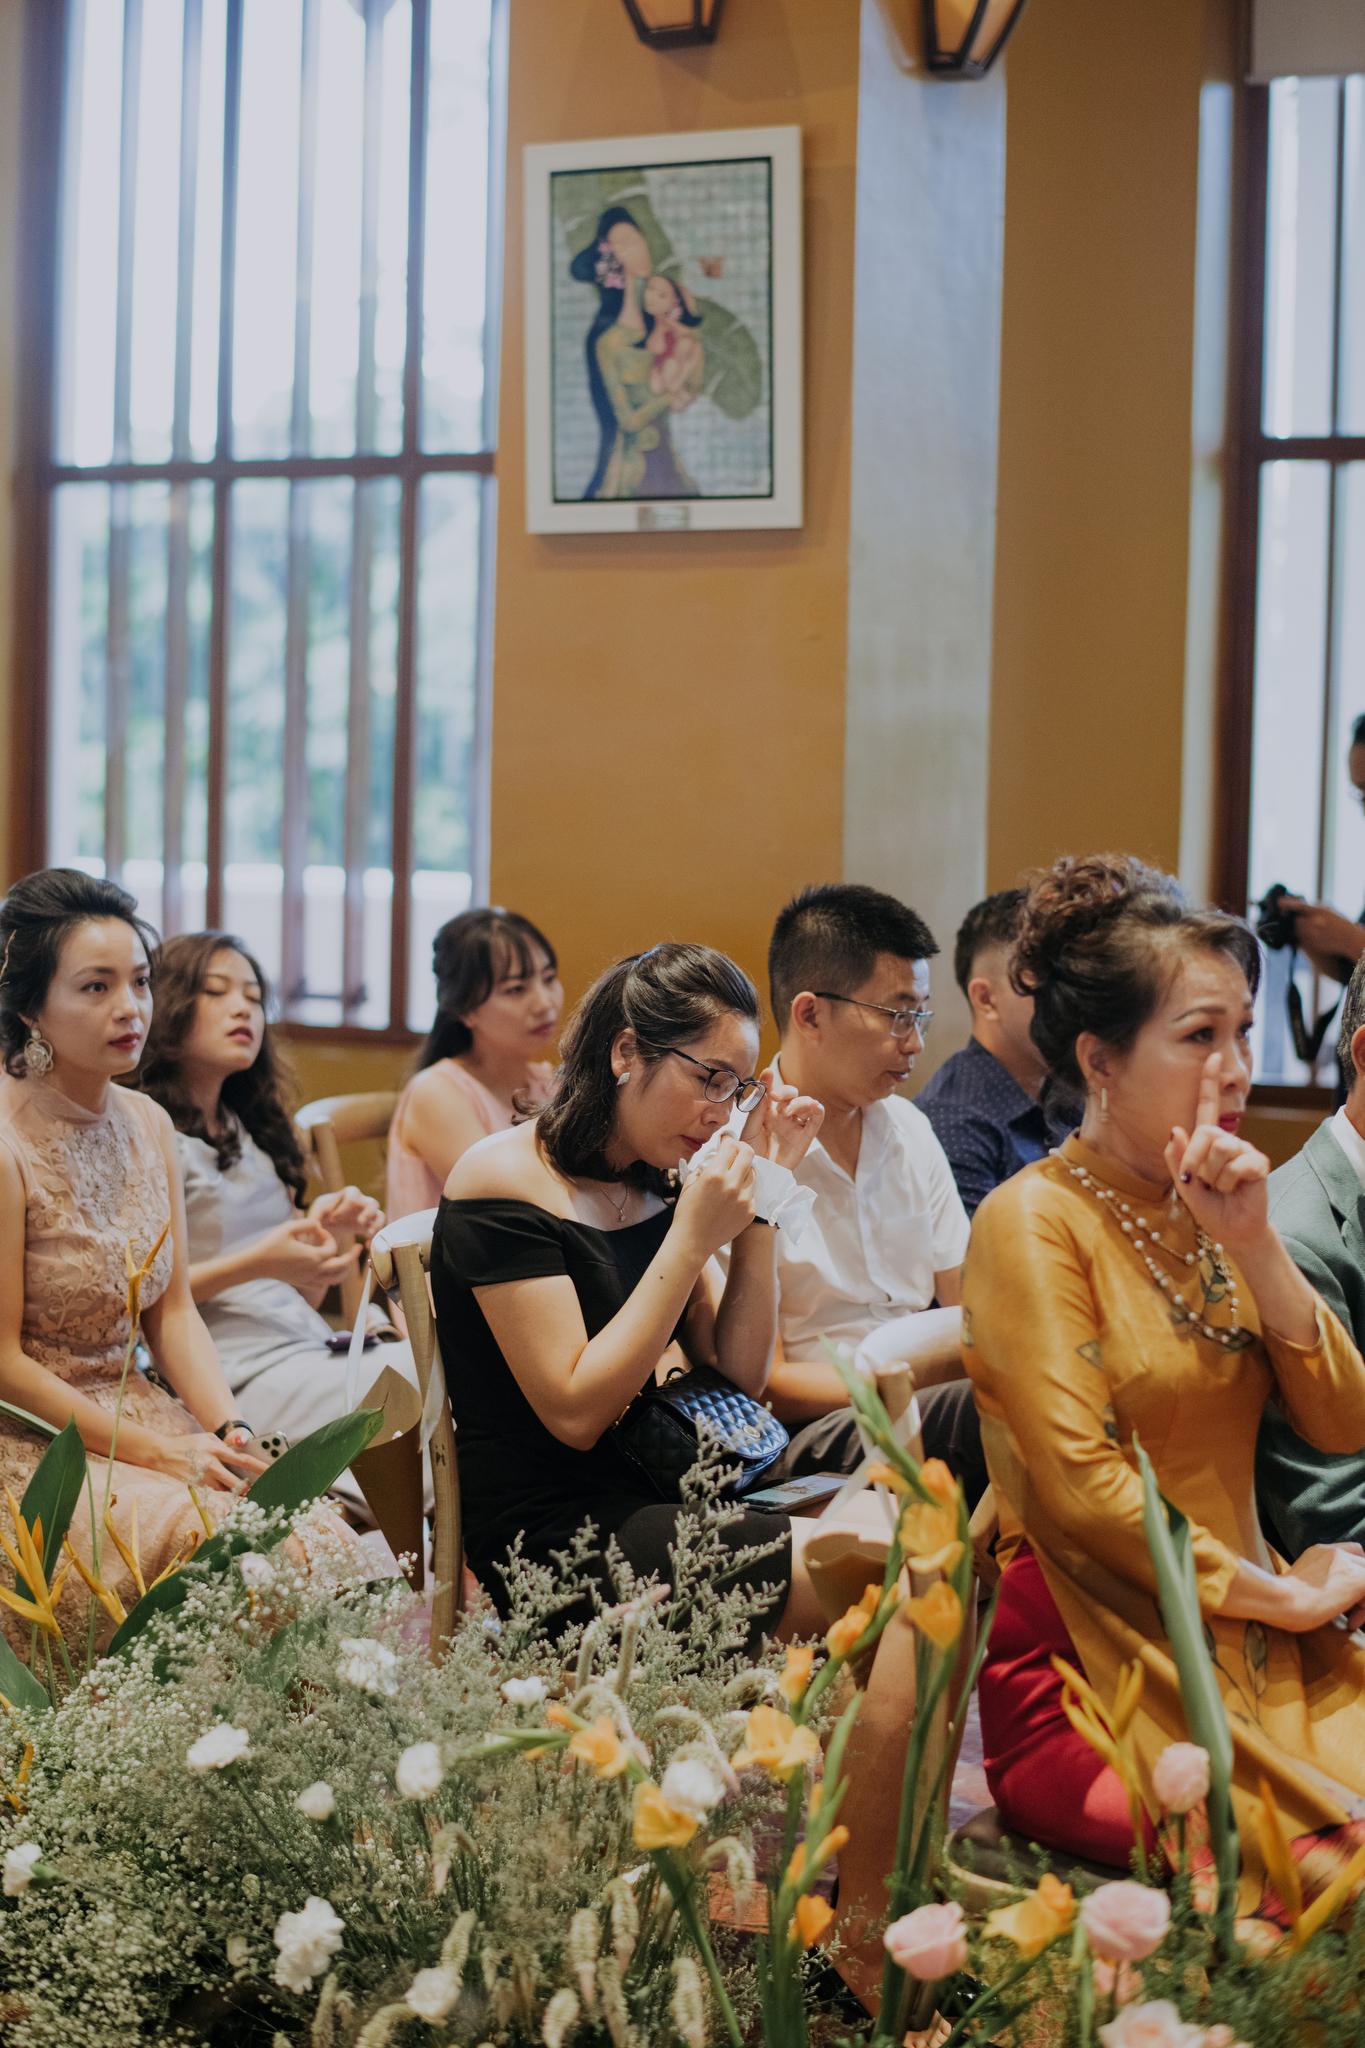 https://huk.s3.amazonaws.com/uploads/image/source/1426/Phuong-Diep-HN-Ceremony-1-0658.JPG